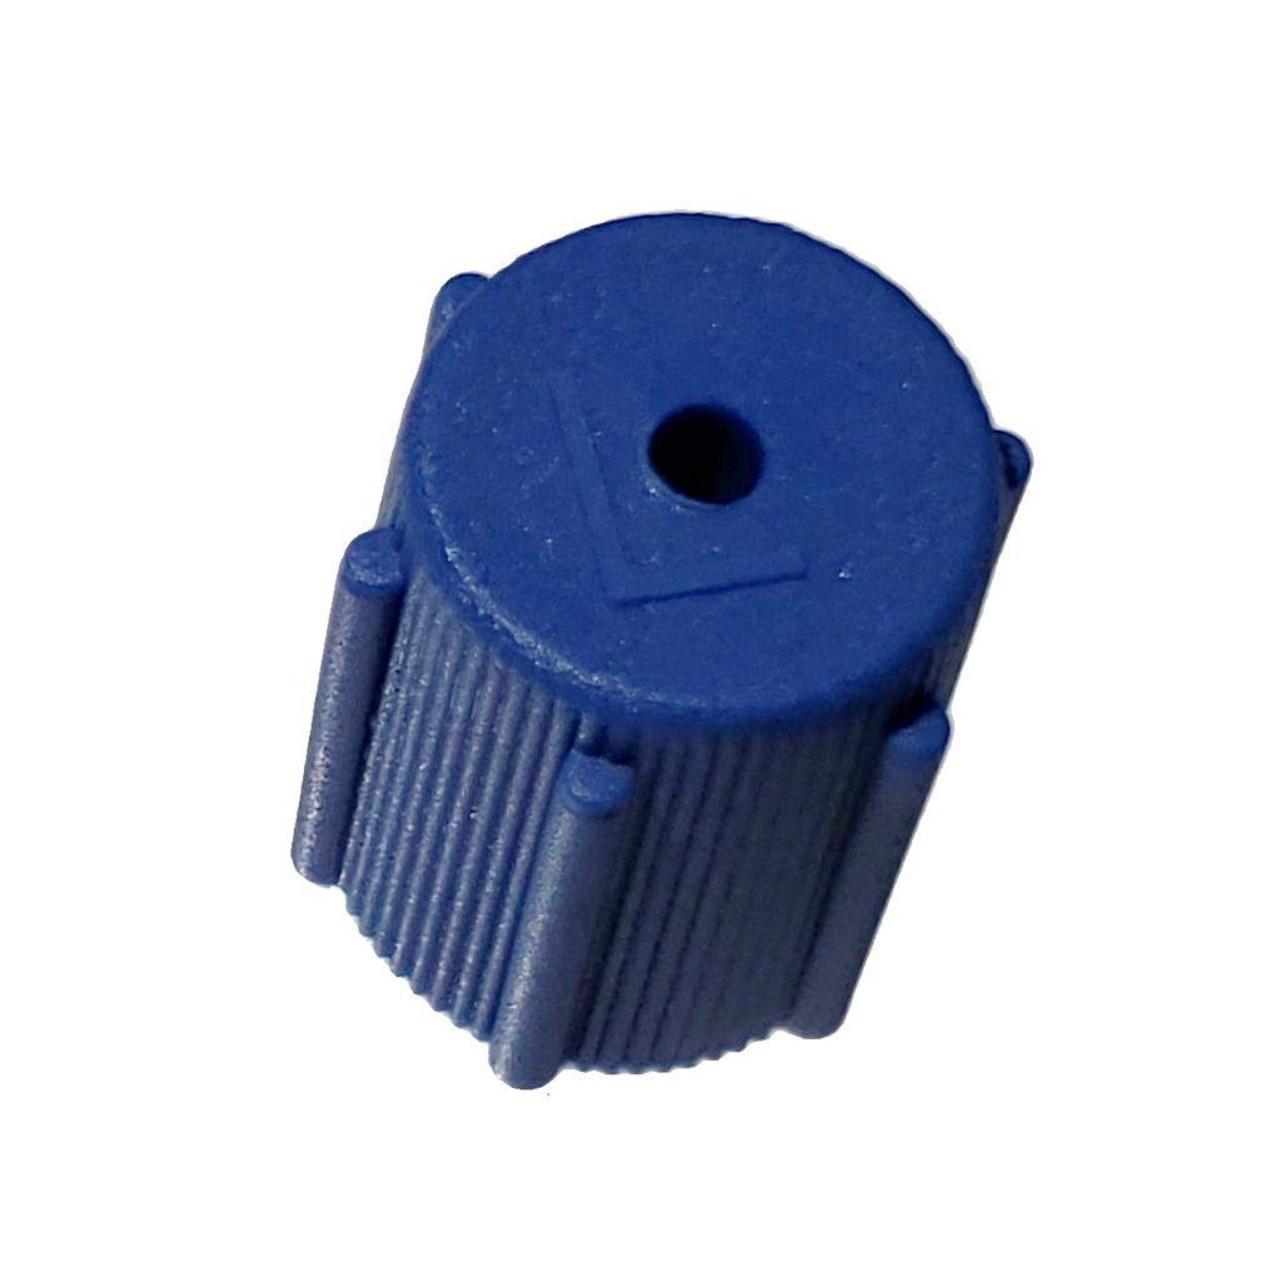 AC Service Cap R134a - Blue Low Side M8x1.0 - Interchanges: MT0063, 59987